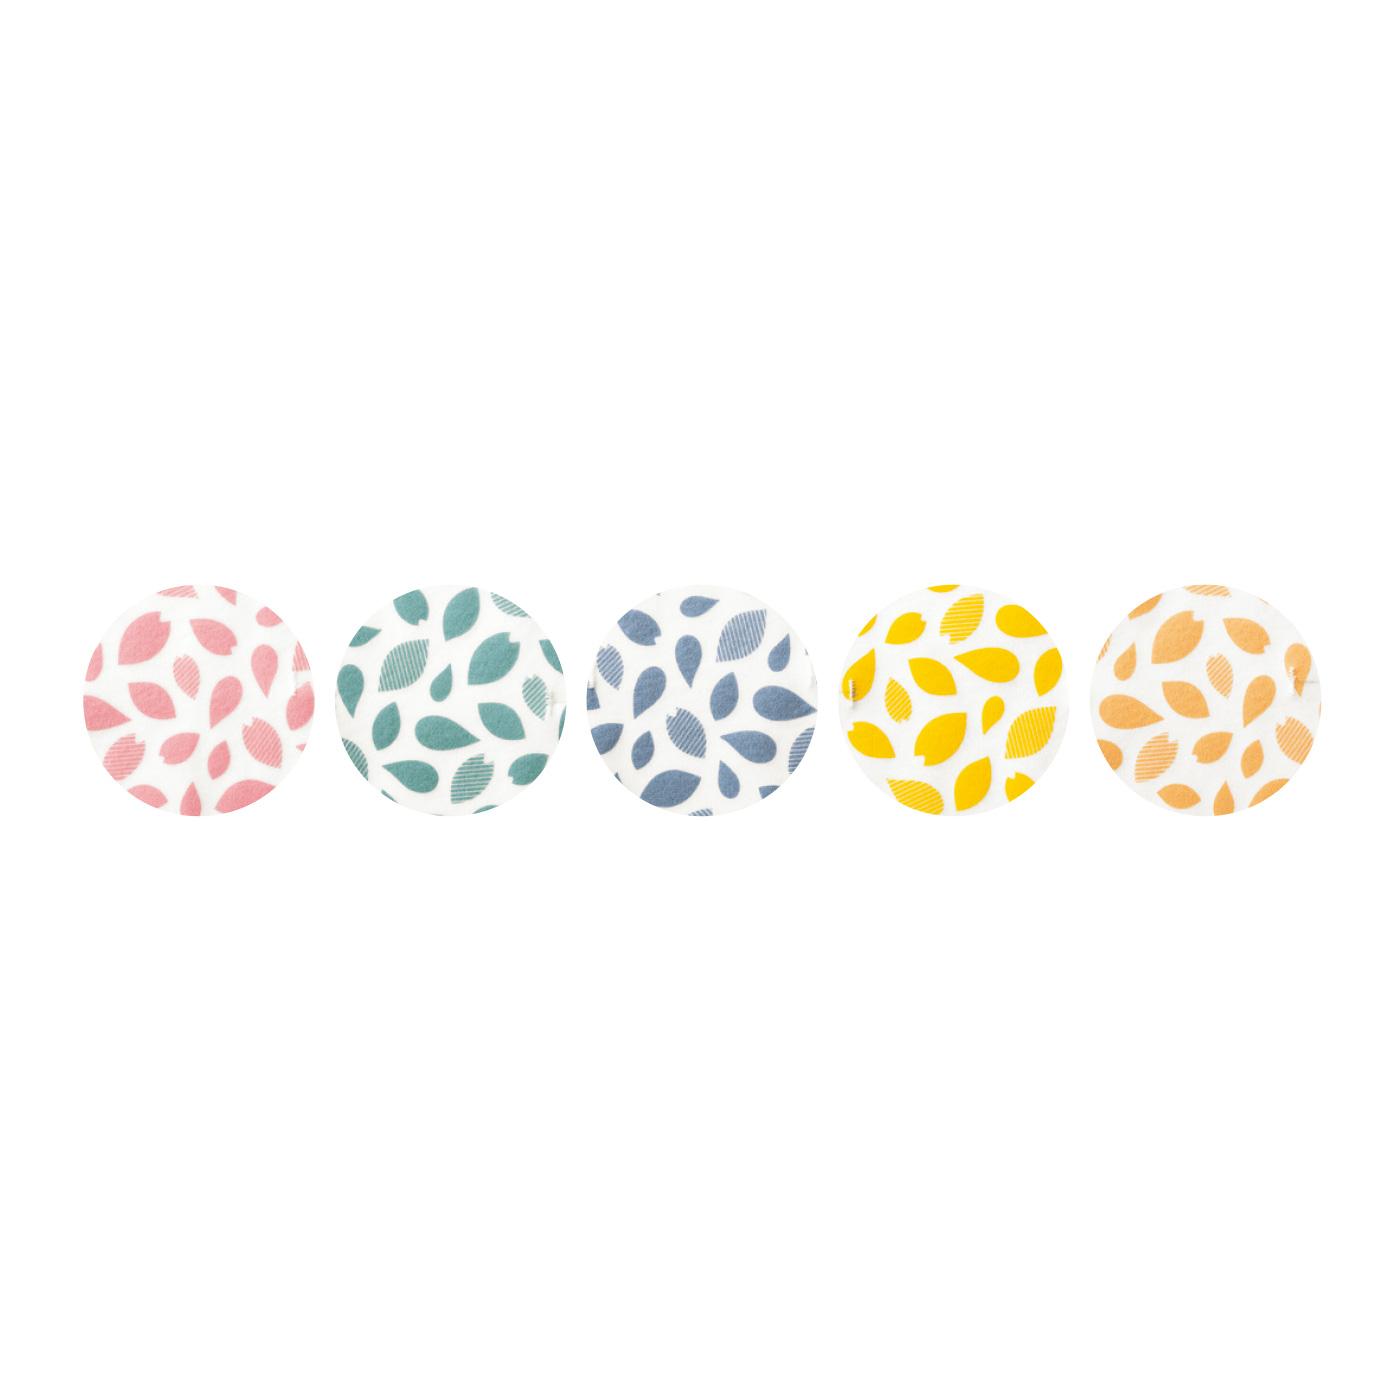 ●この6色の中からお届けします。カラフルで明るいデザインが、歩く気持ちを後押しします。